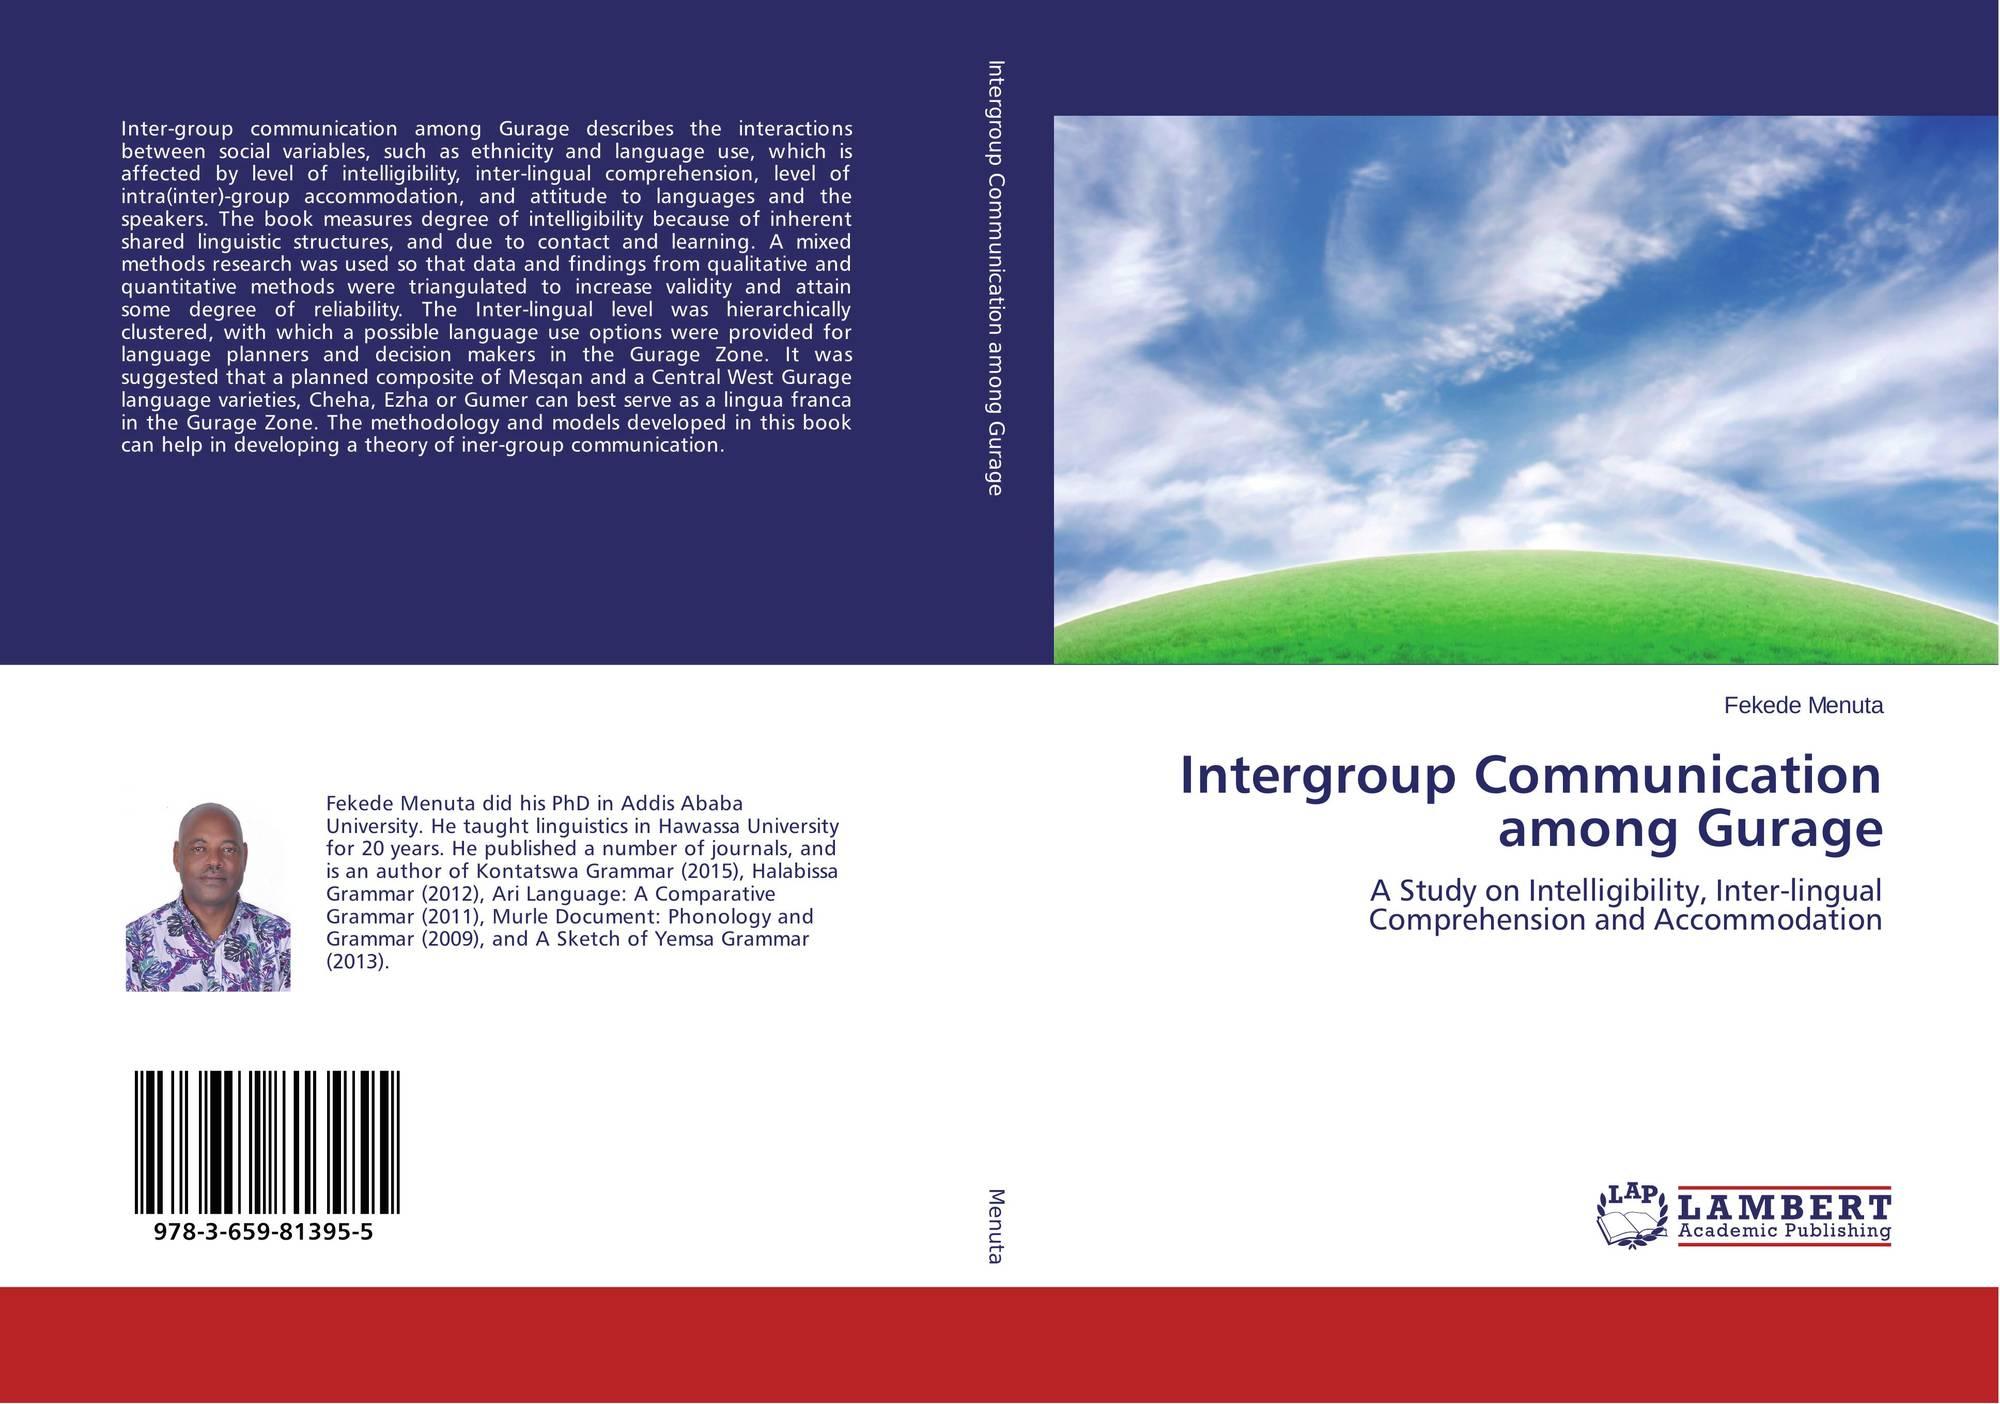 Intergroup Communication among Gurage, 978-3-659-81395-5